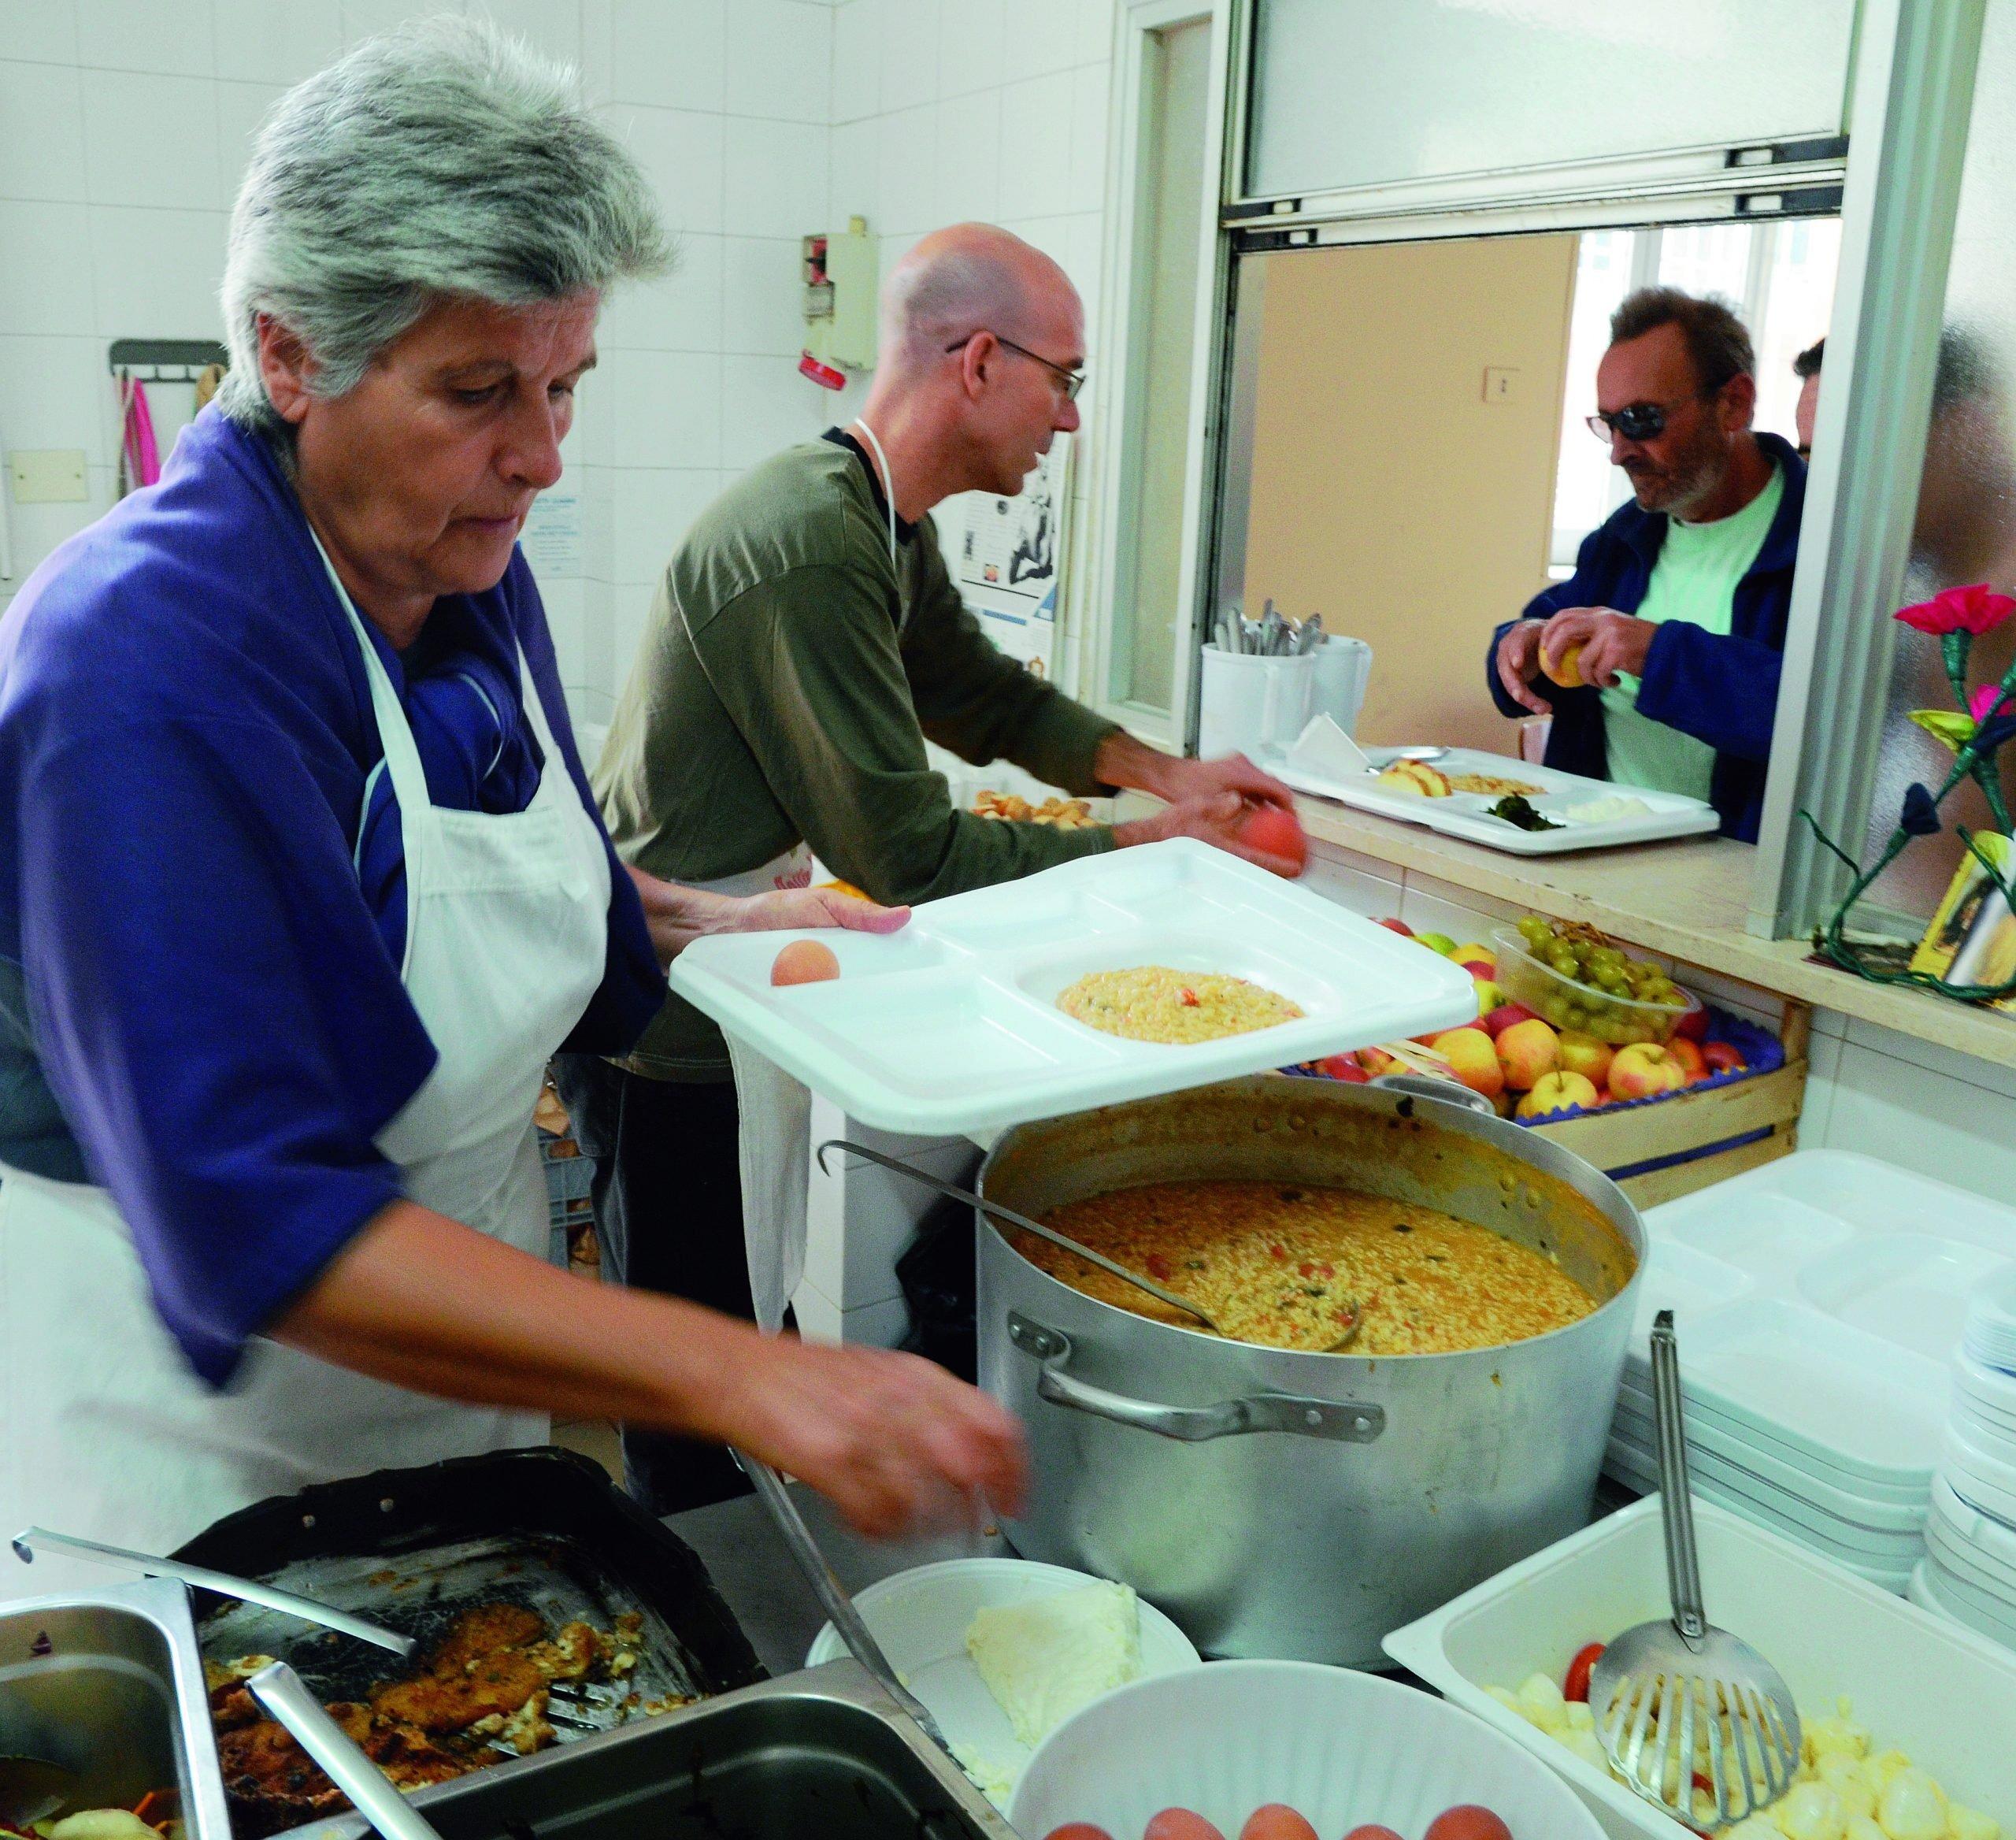 Ravenna punta alla Cucina popolare. E Bucci lancia il pasto sospeso